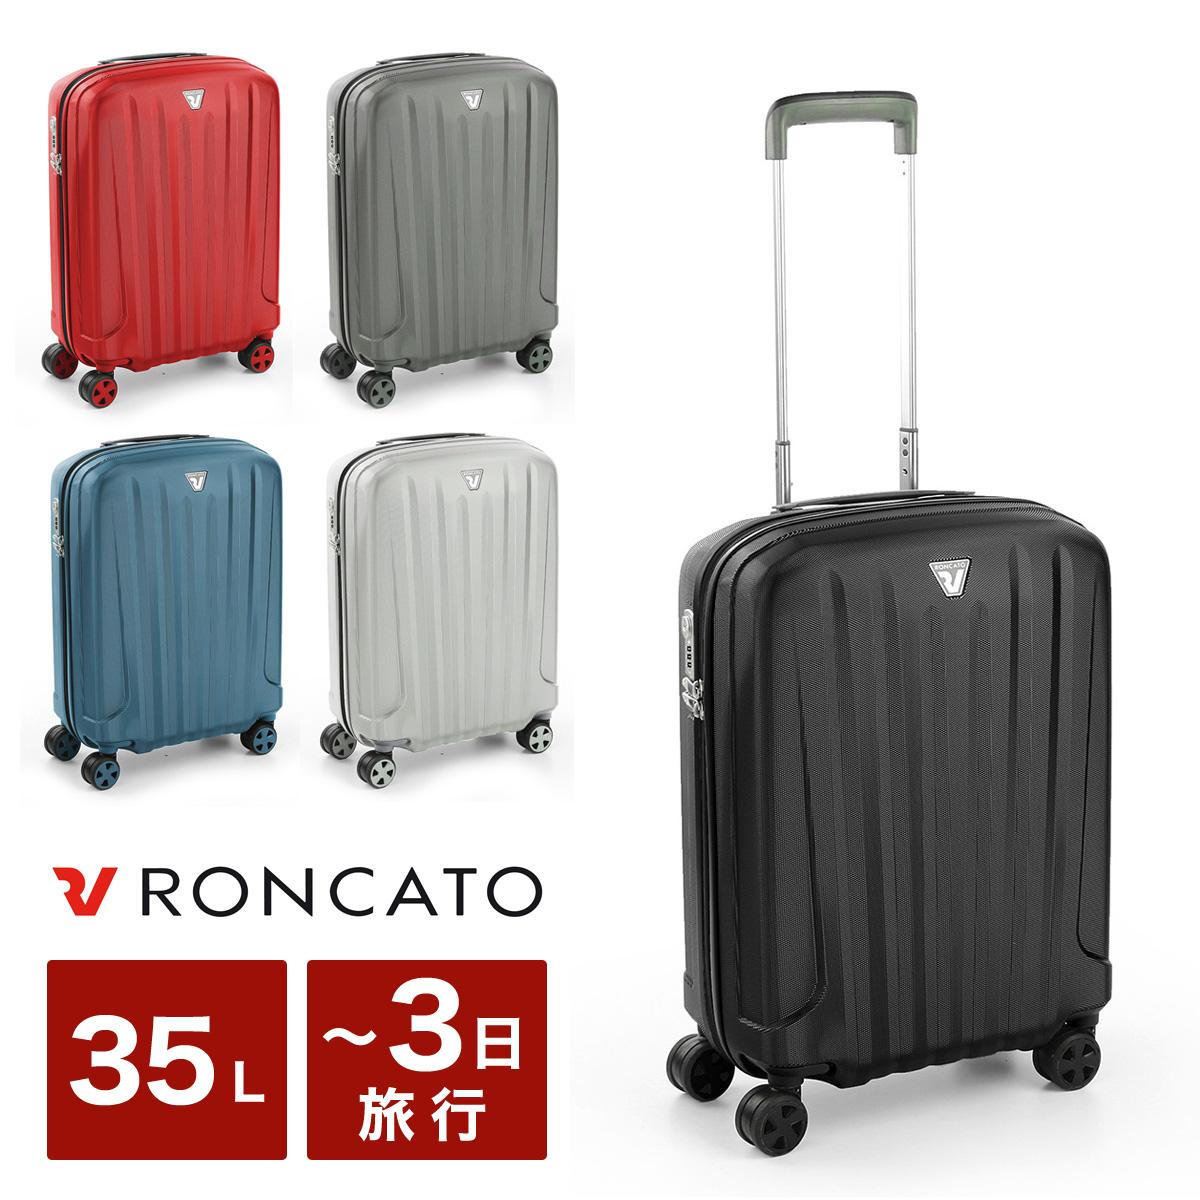 ロンカート スーツケース イタリア製 UNICA 5613 51cm RONCATO ユニカ ハード キャリーケース 軽量 機内持ち込み TSAロック搭載 10年保証